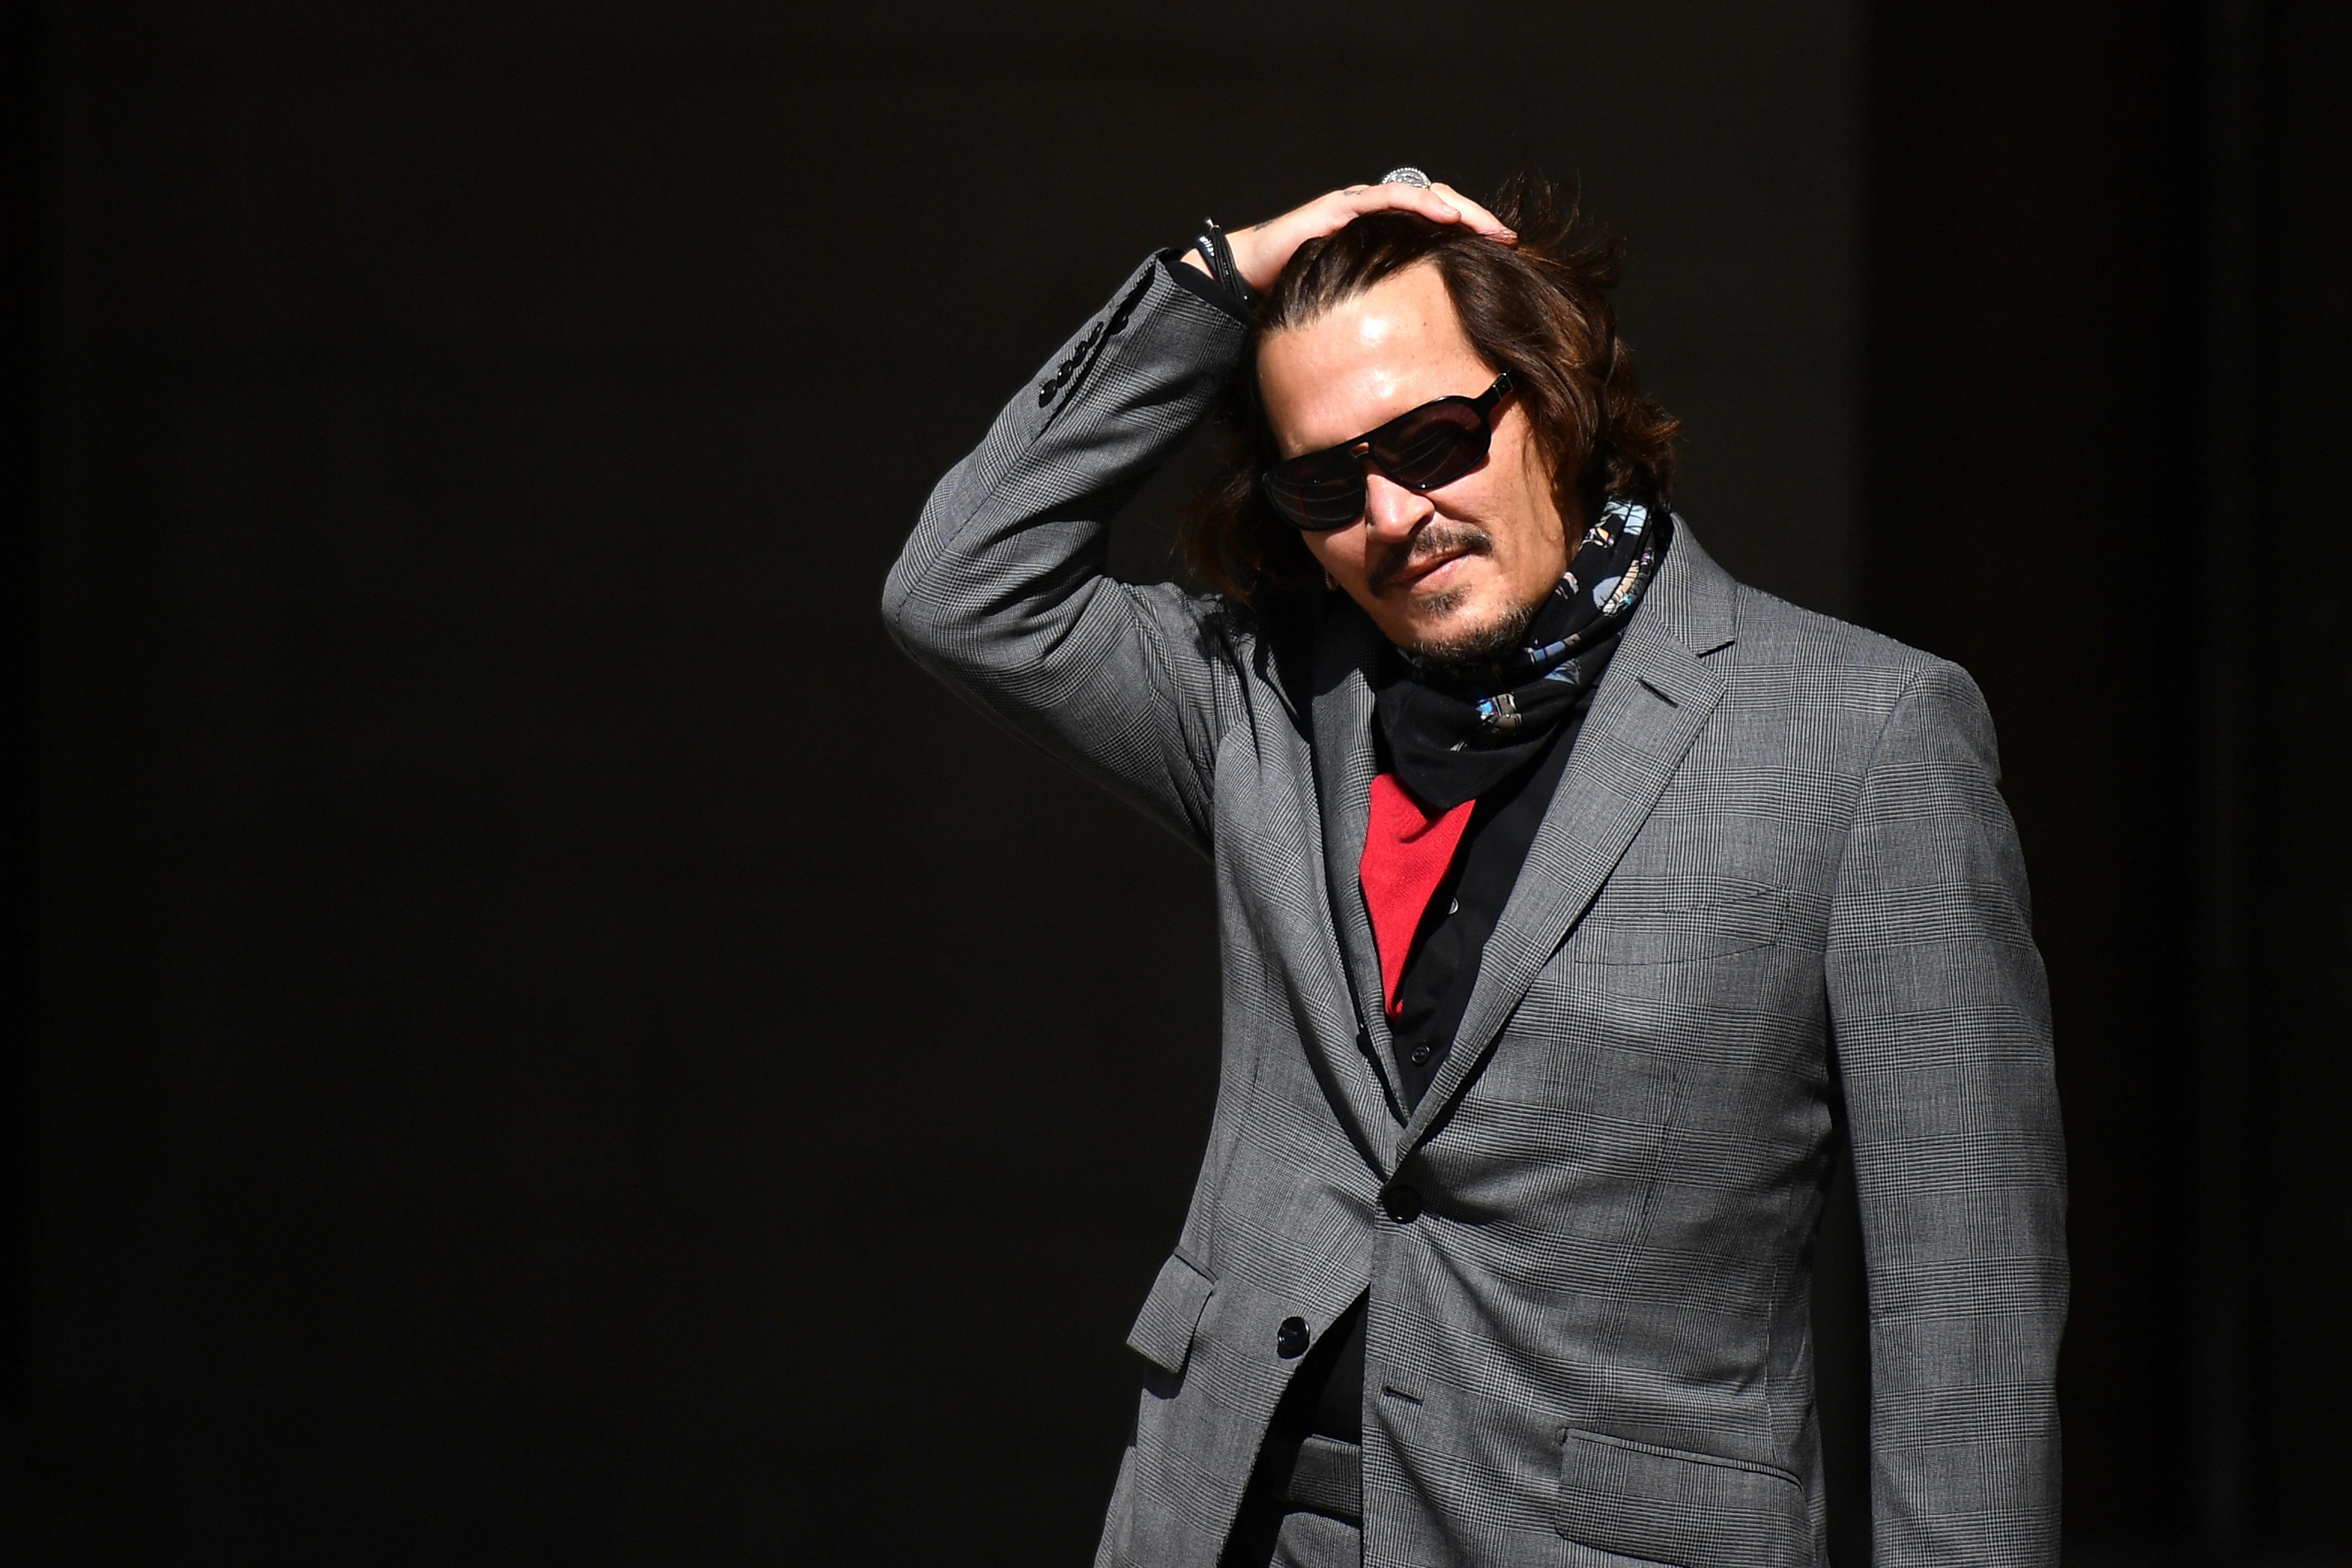 Johnny Depp a 90-es években még grunge szépfiú volt, ma már hivatalosan is feleségverő